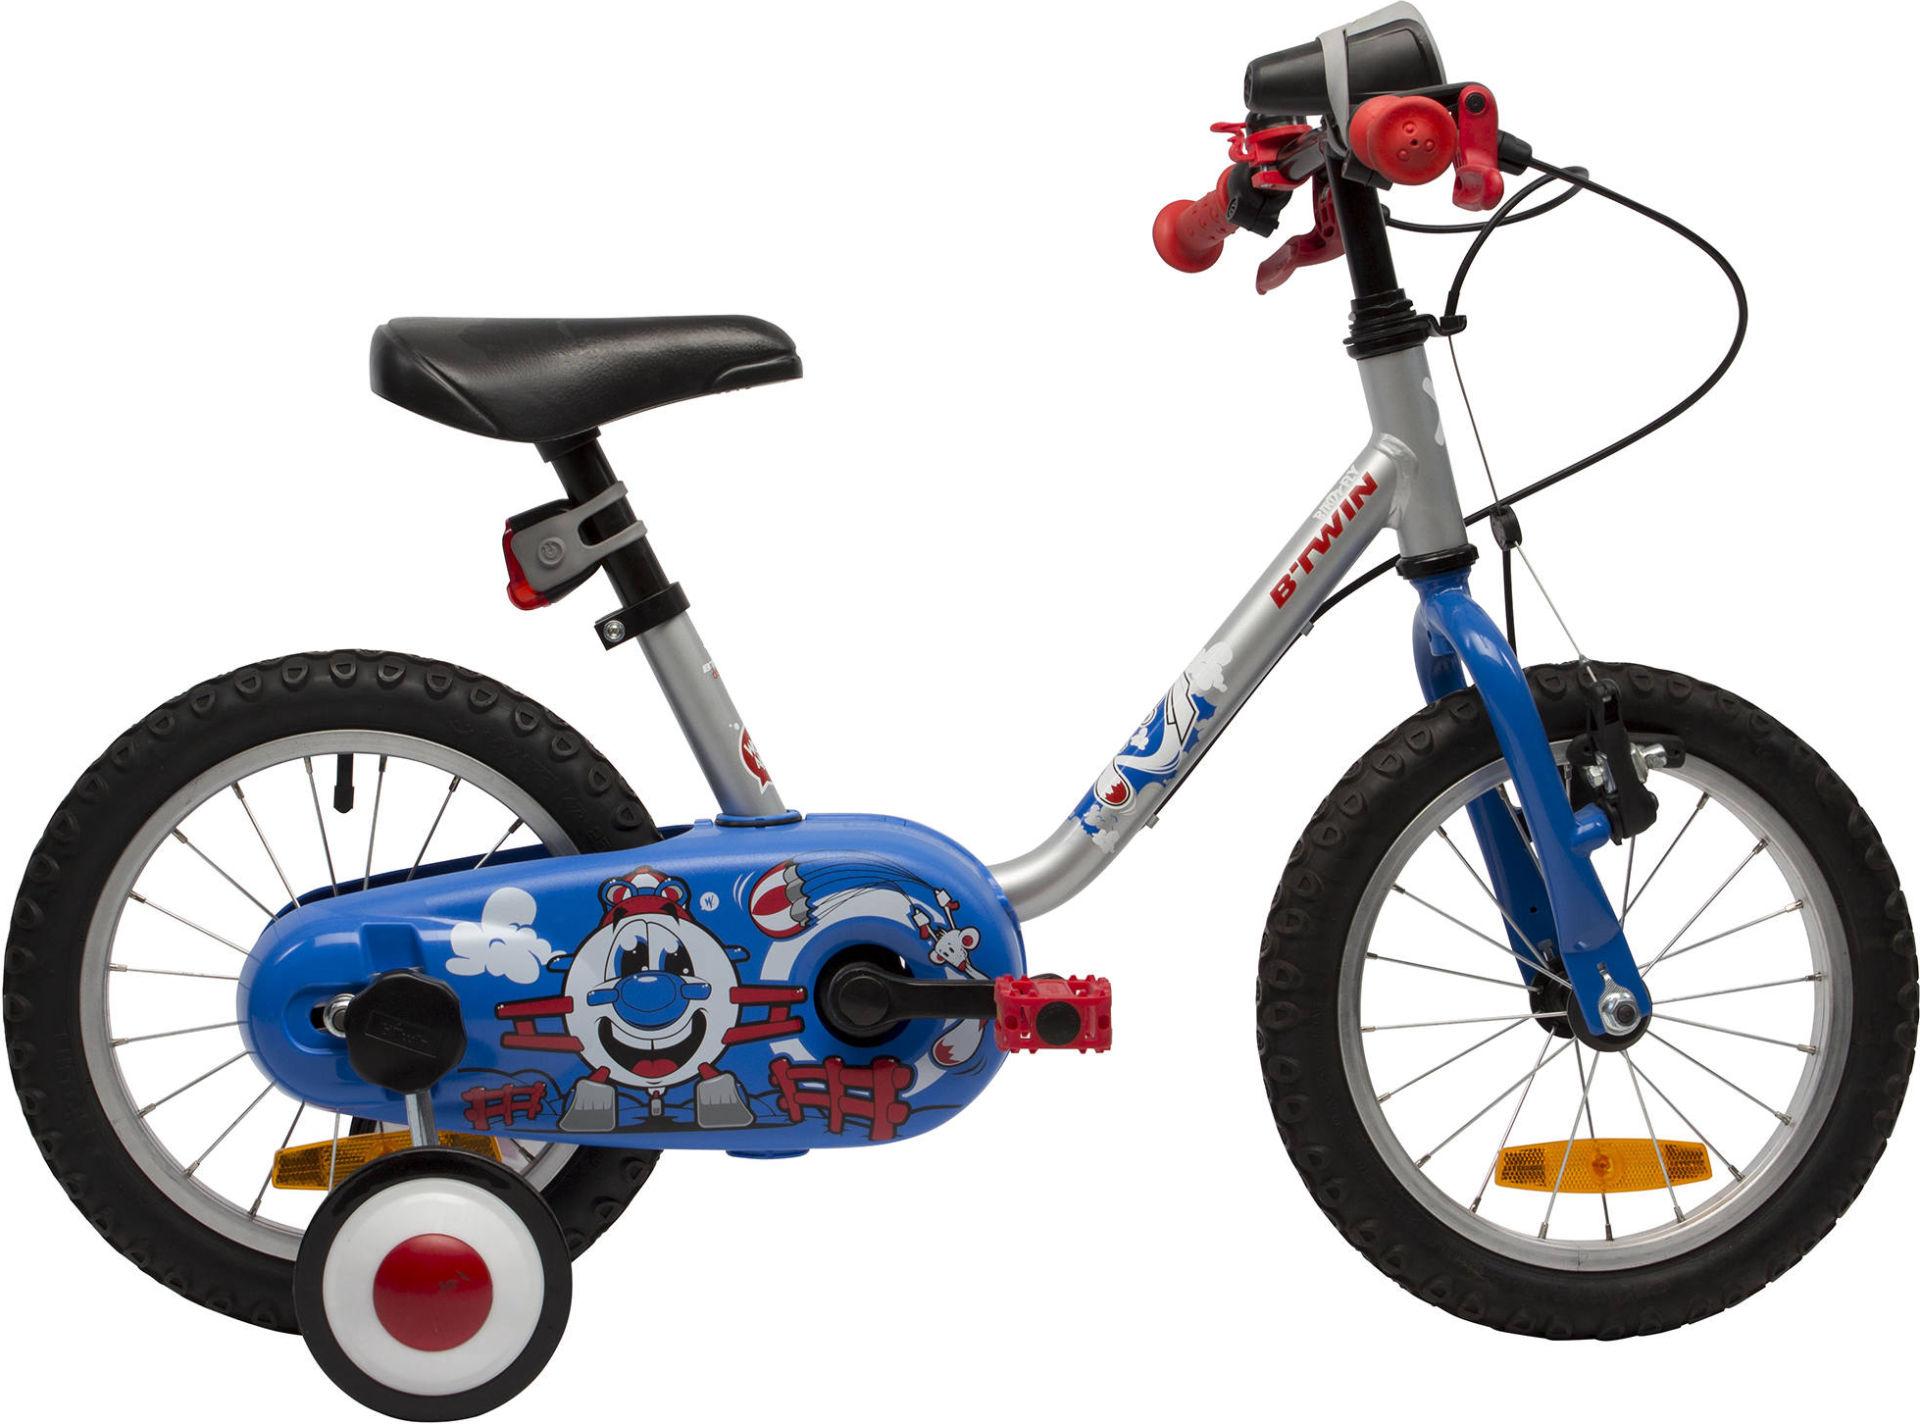 e9d889ce98e Btwin BIRDYFLY 14-INCH CHILDREN'S BIKE - BLUE 2017 - First Bike bike